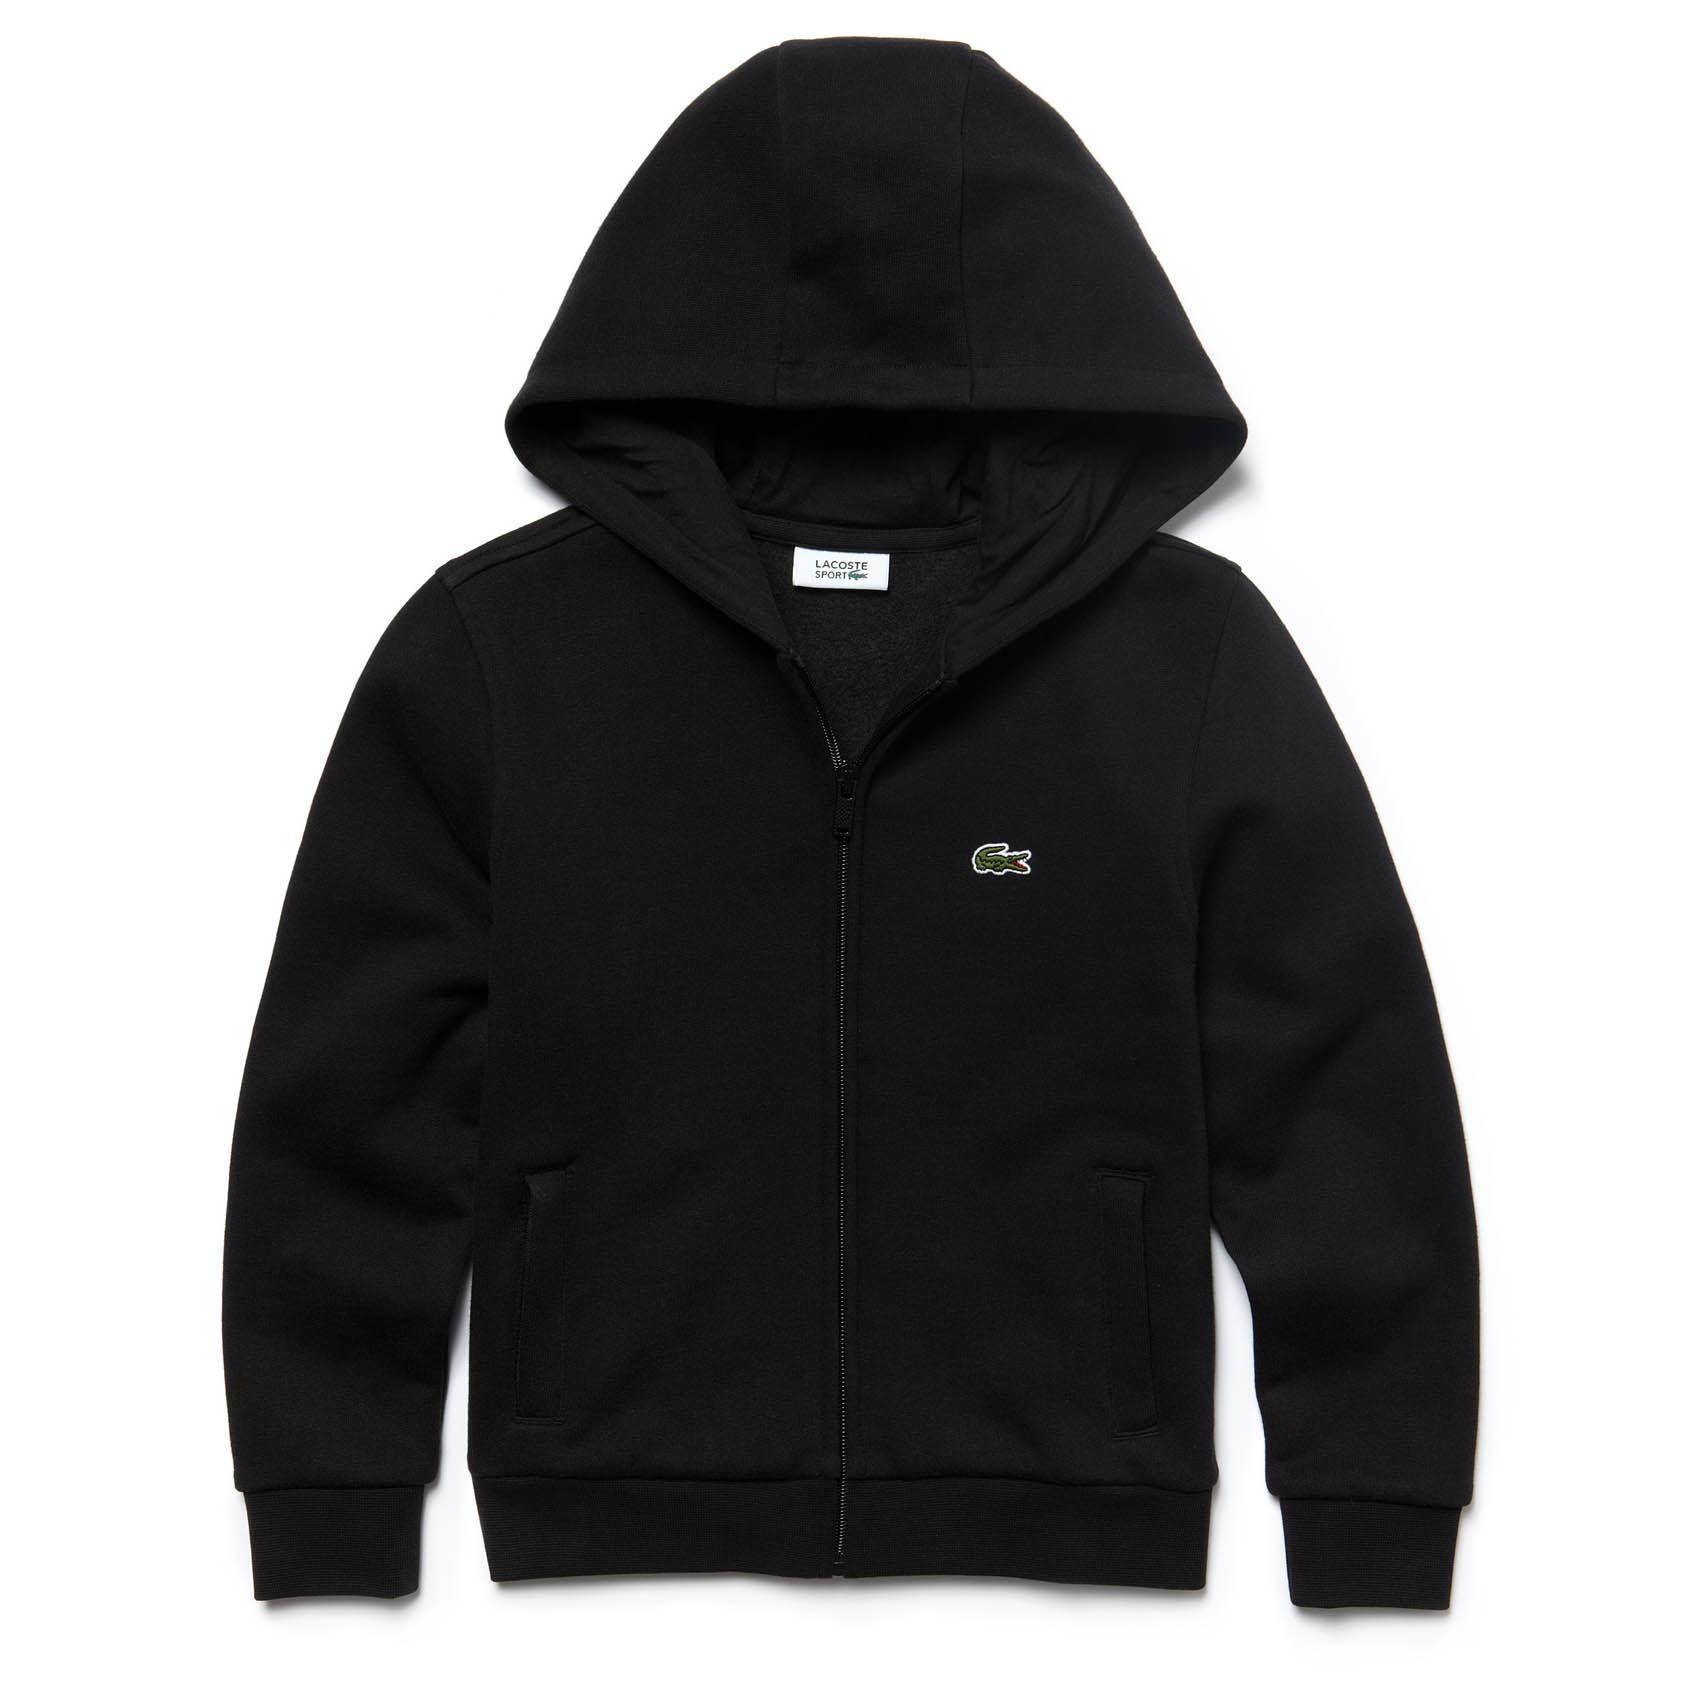 2e9b2145972c Lacoste Sport Boys Hooded Sweatshirt - Black - Tennisnuts.com